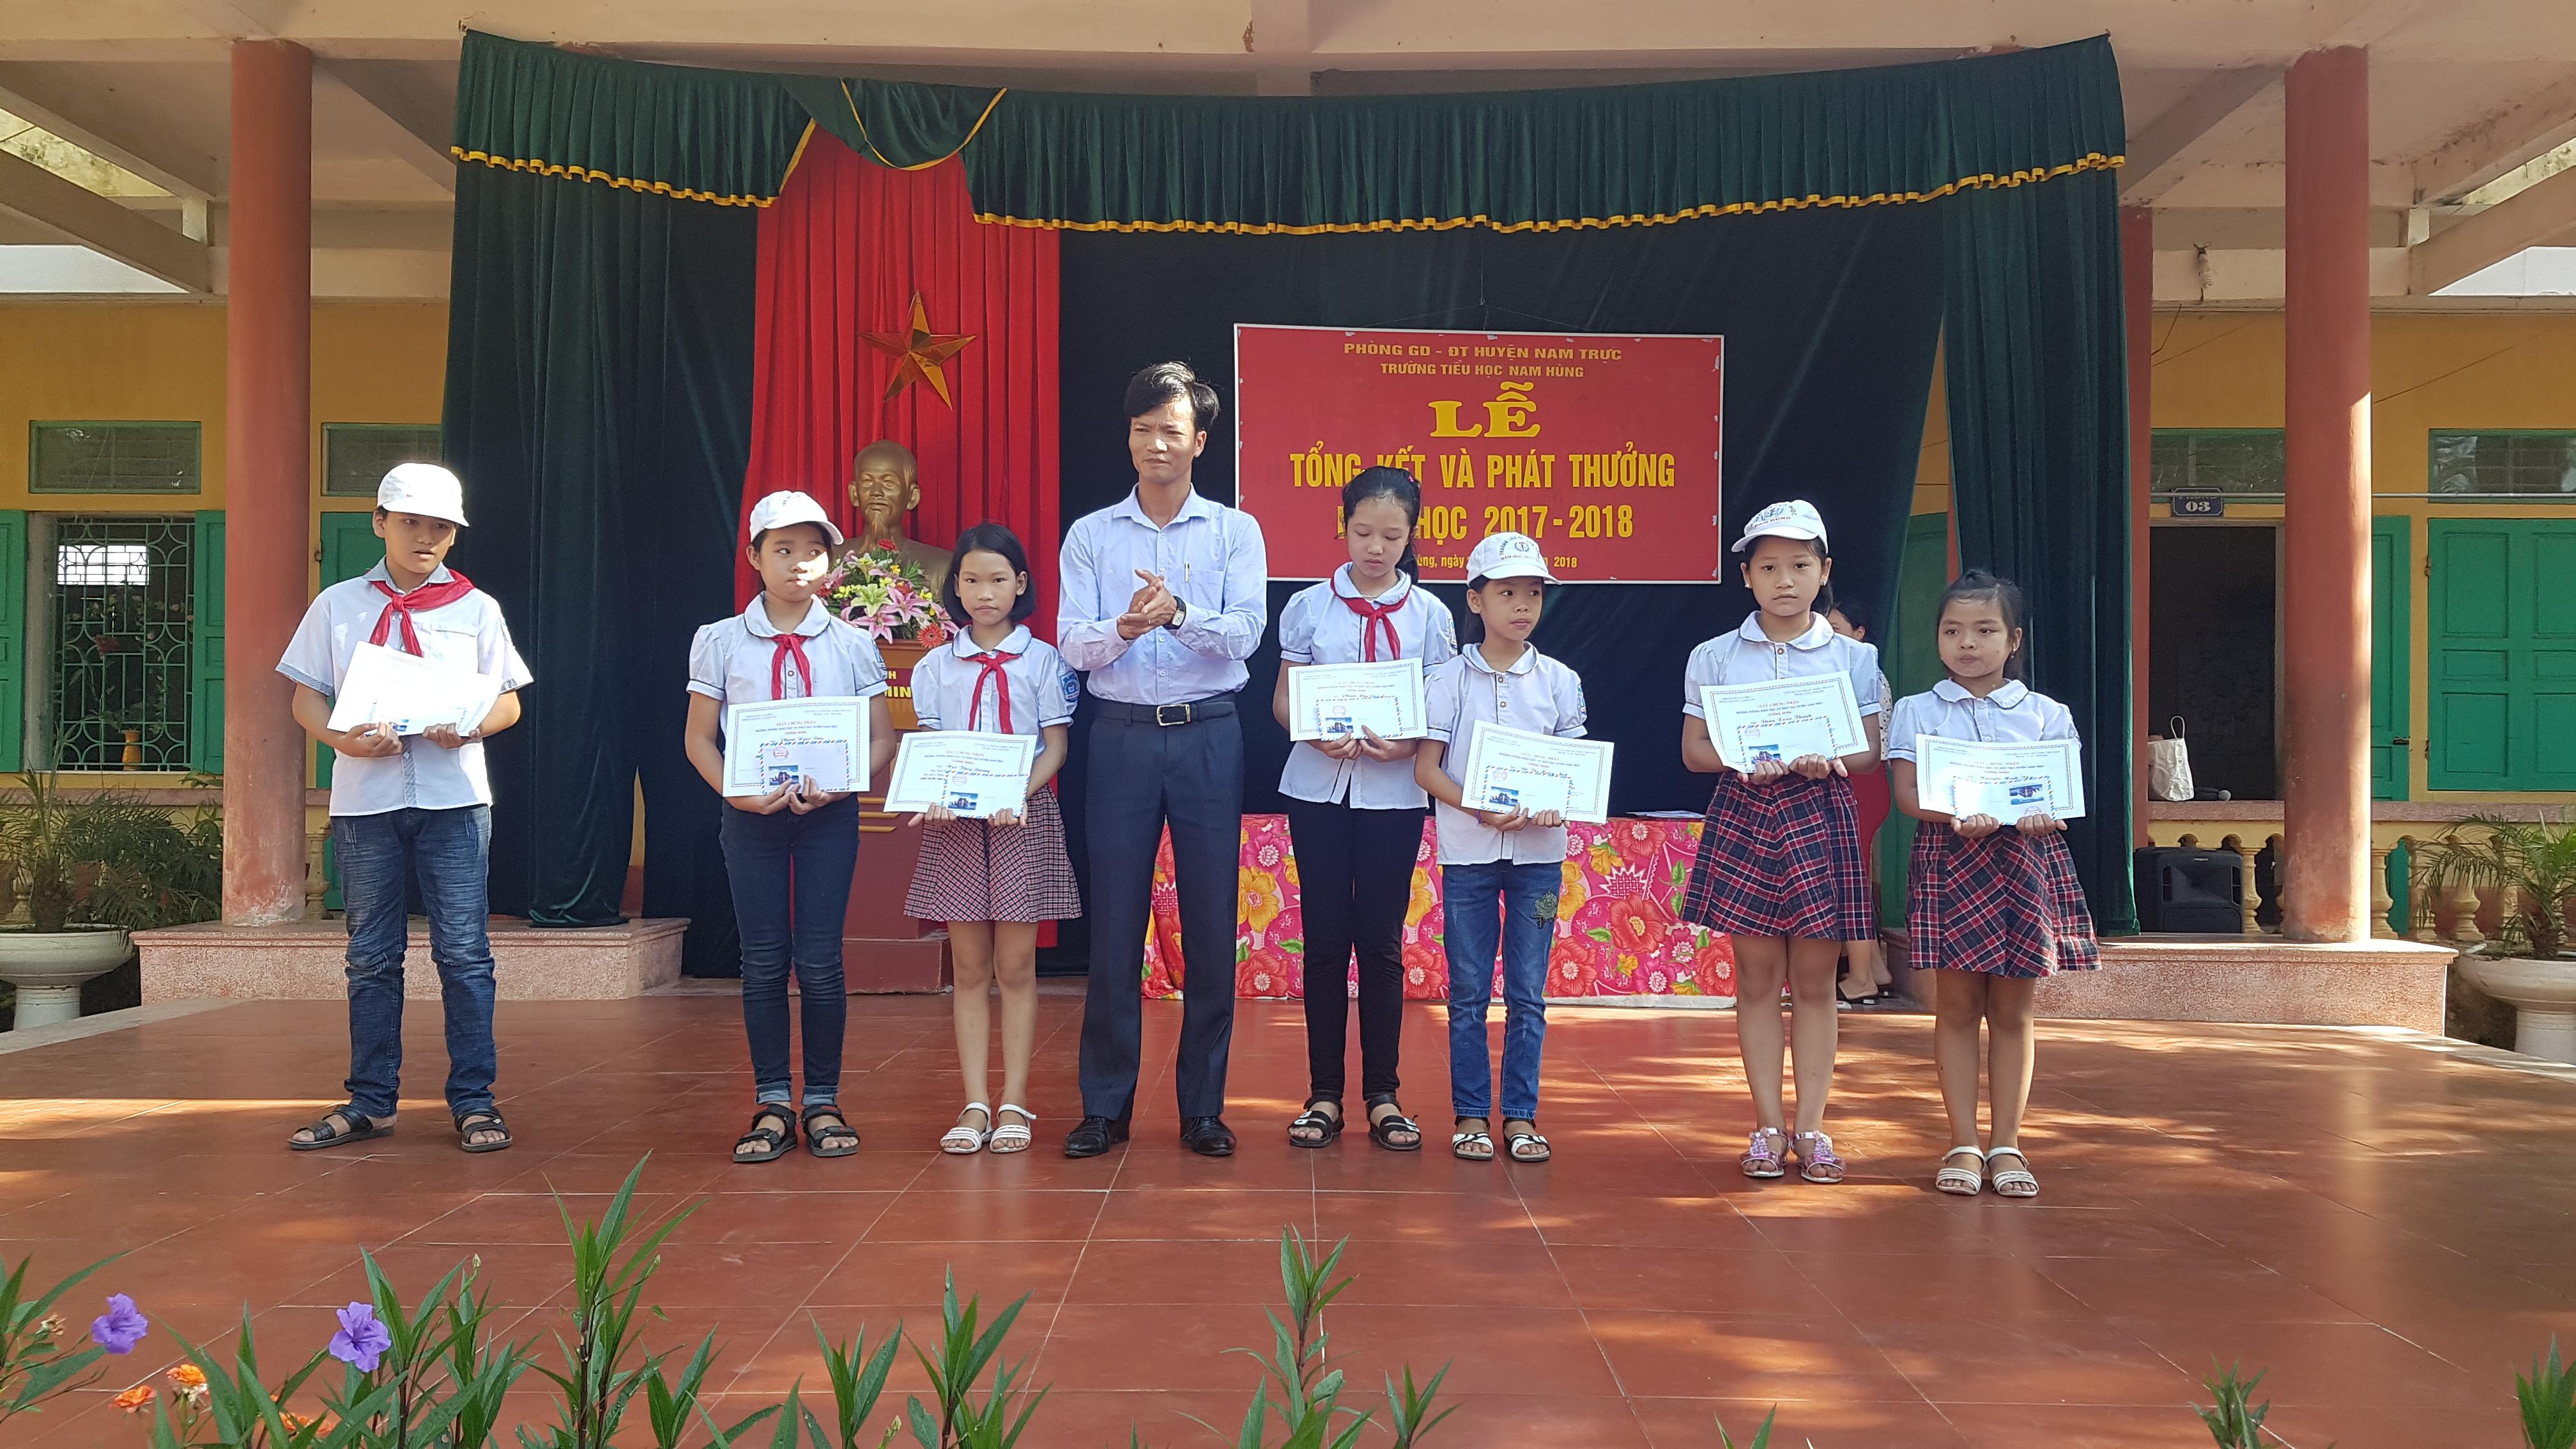 Hính ảnhTrường tiểu học Nam Hùng tổ chức tổng kết và phát thưởng năm học 2017-2018